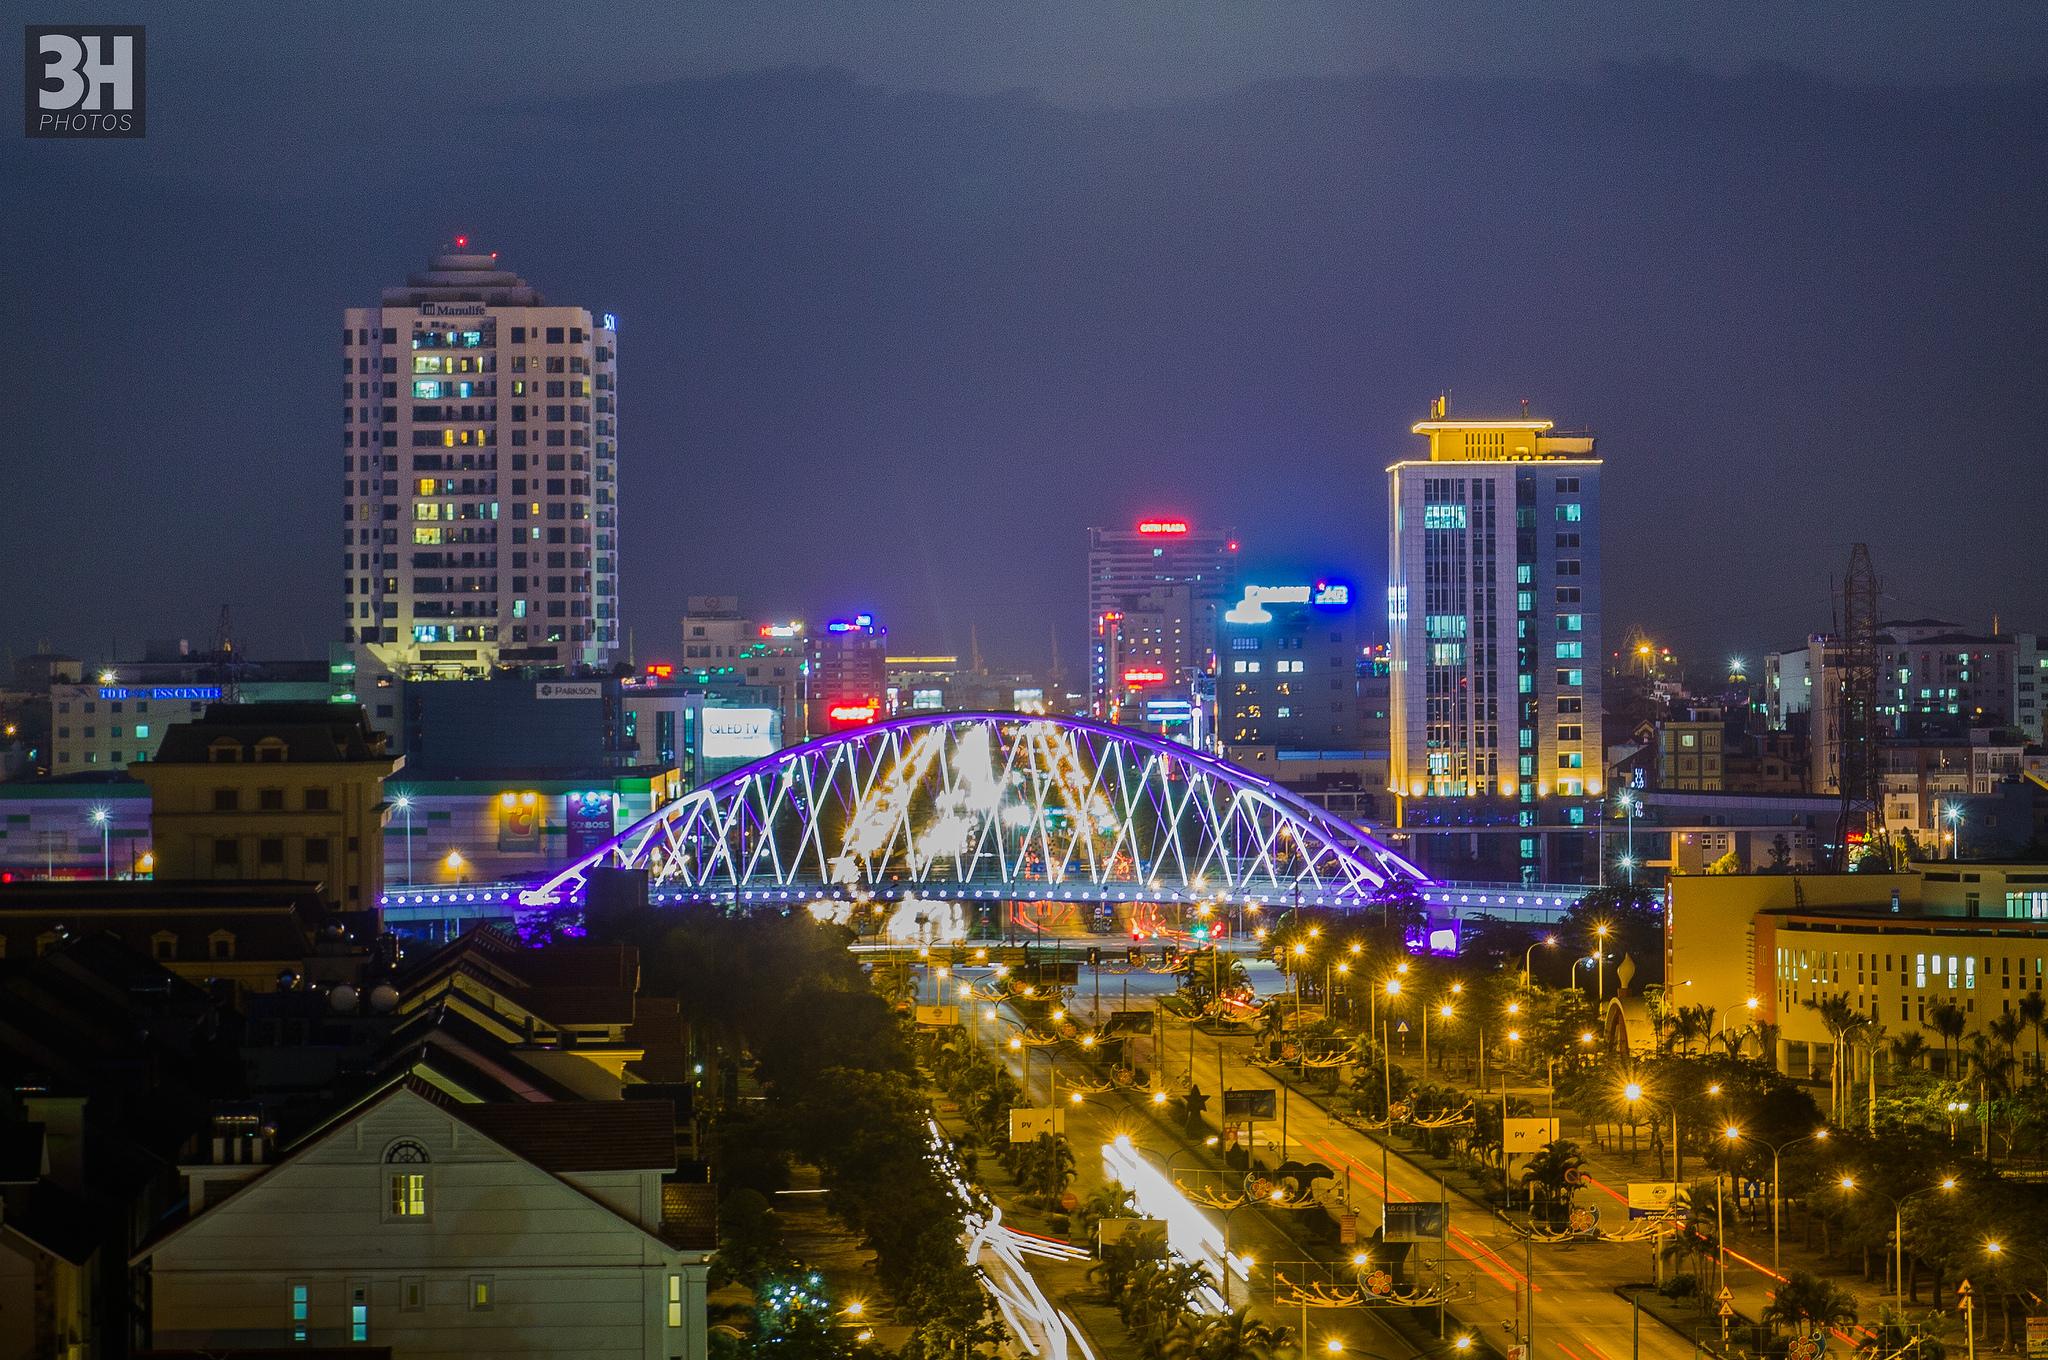 Chuyển phát nhanh giá rẻ từ Hồ Chí Minh đến Hải Phòng chất lượng, uy tín